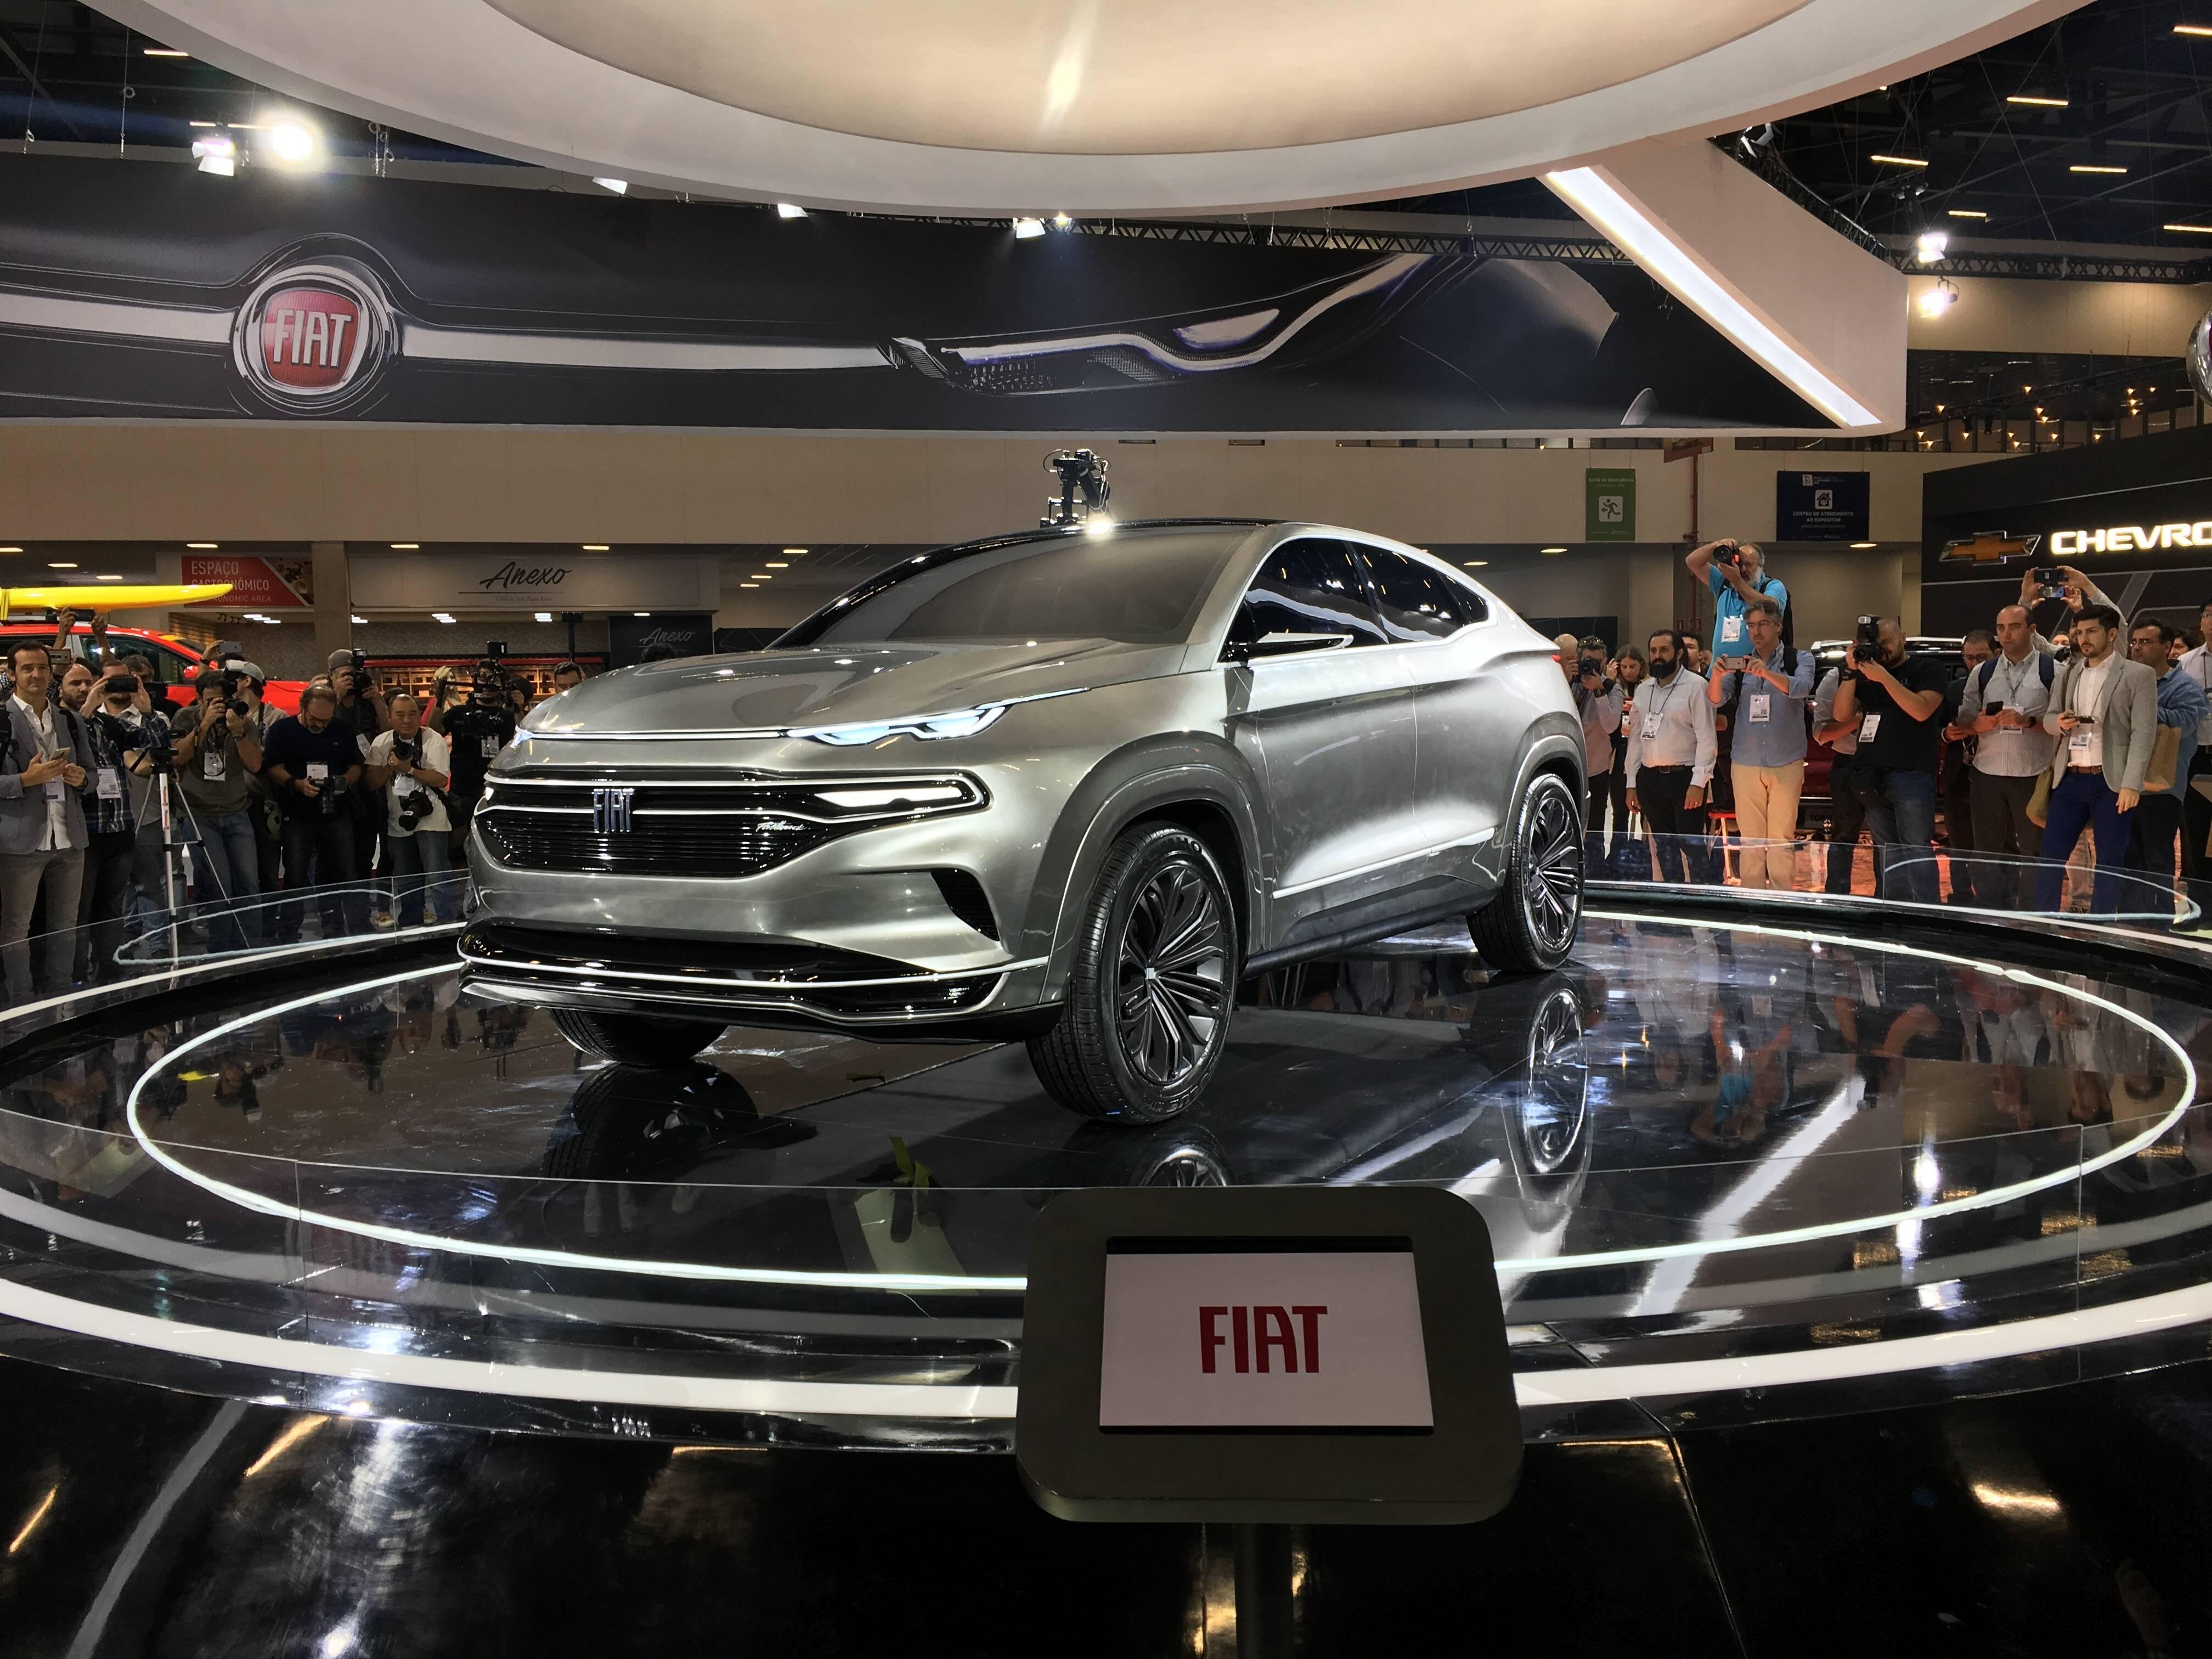 Fiat no Salão do Automóvel 2018. Foto: Guilherme Menezes/iG